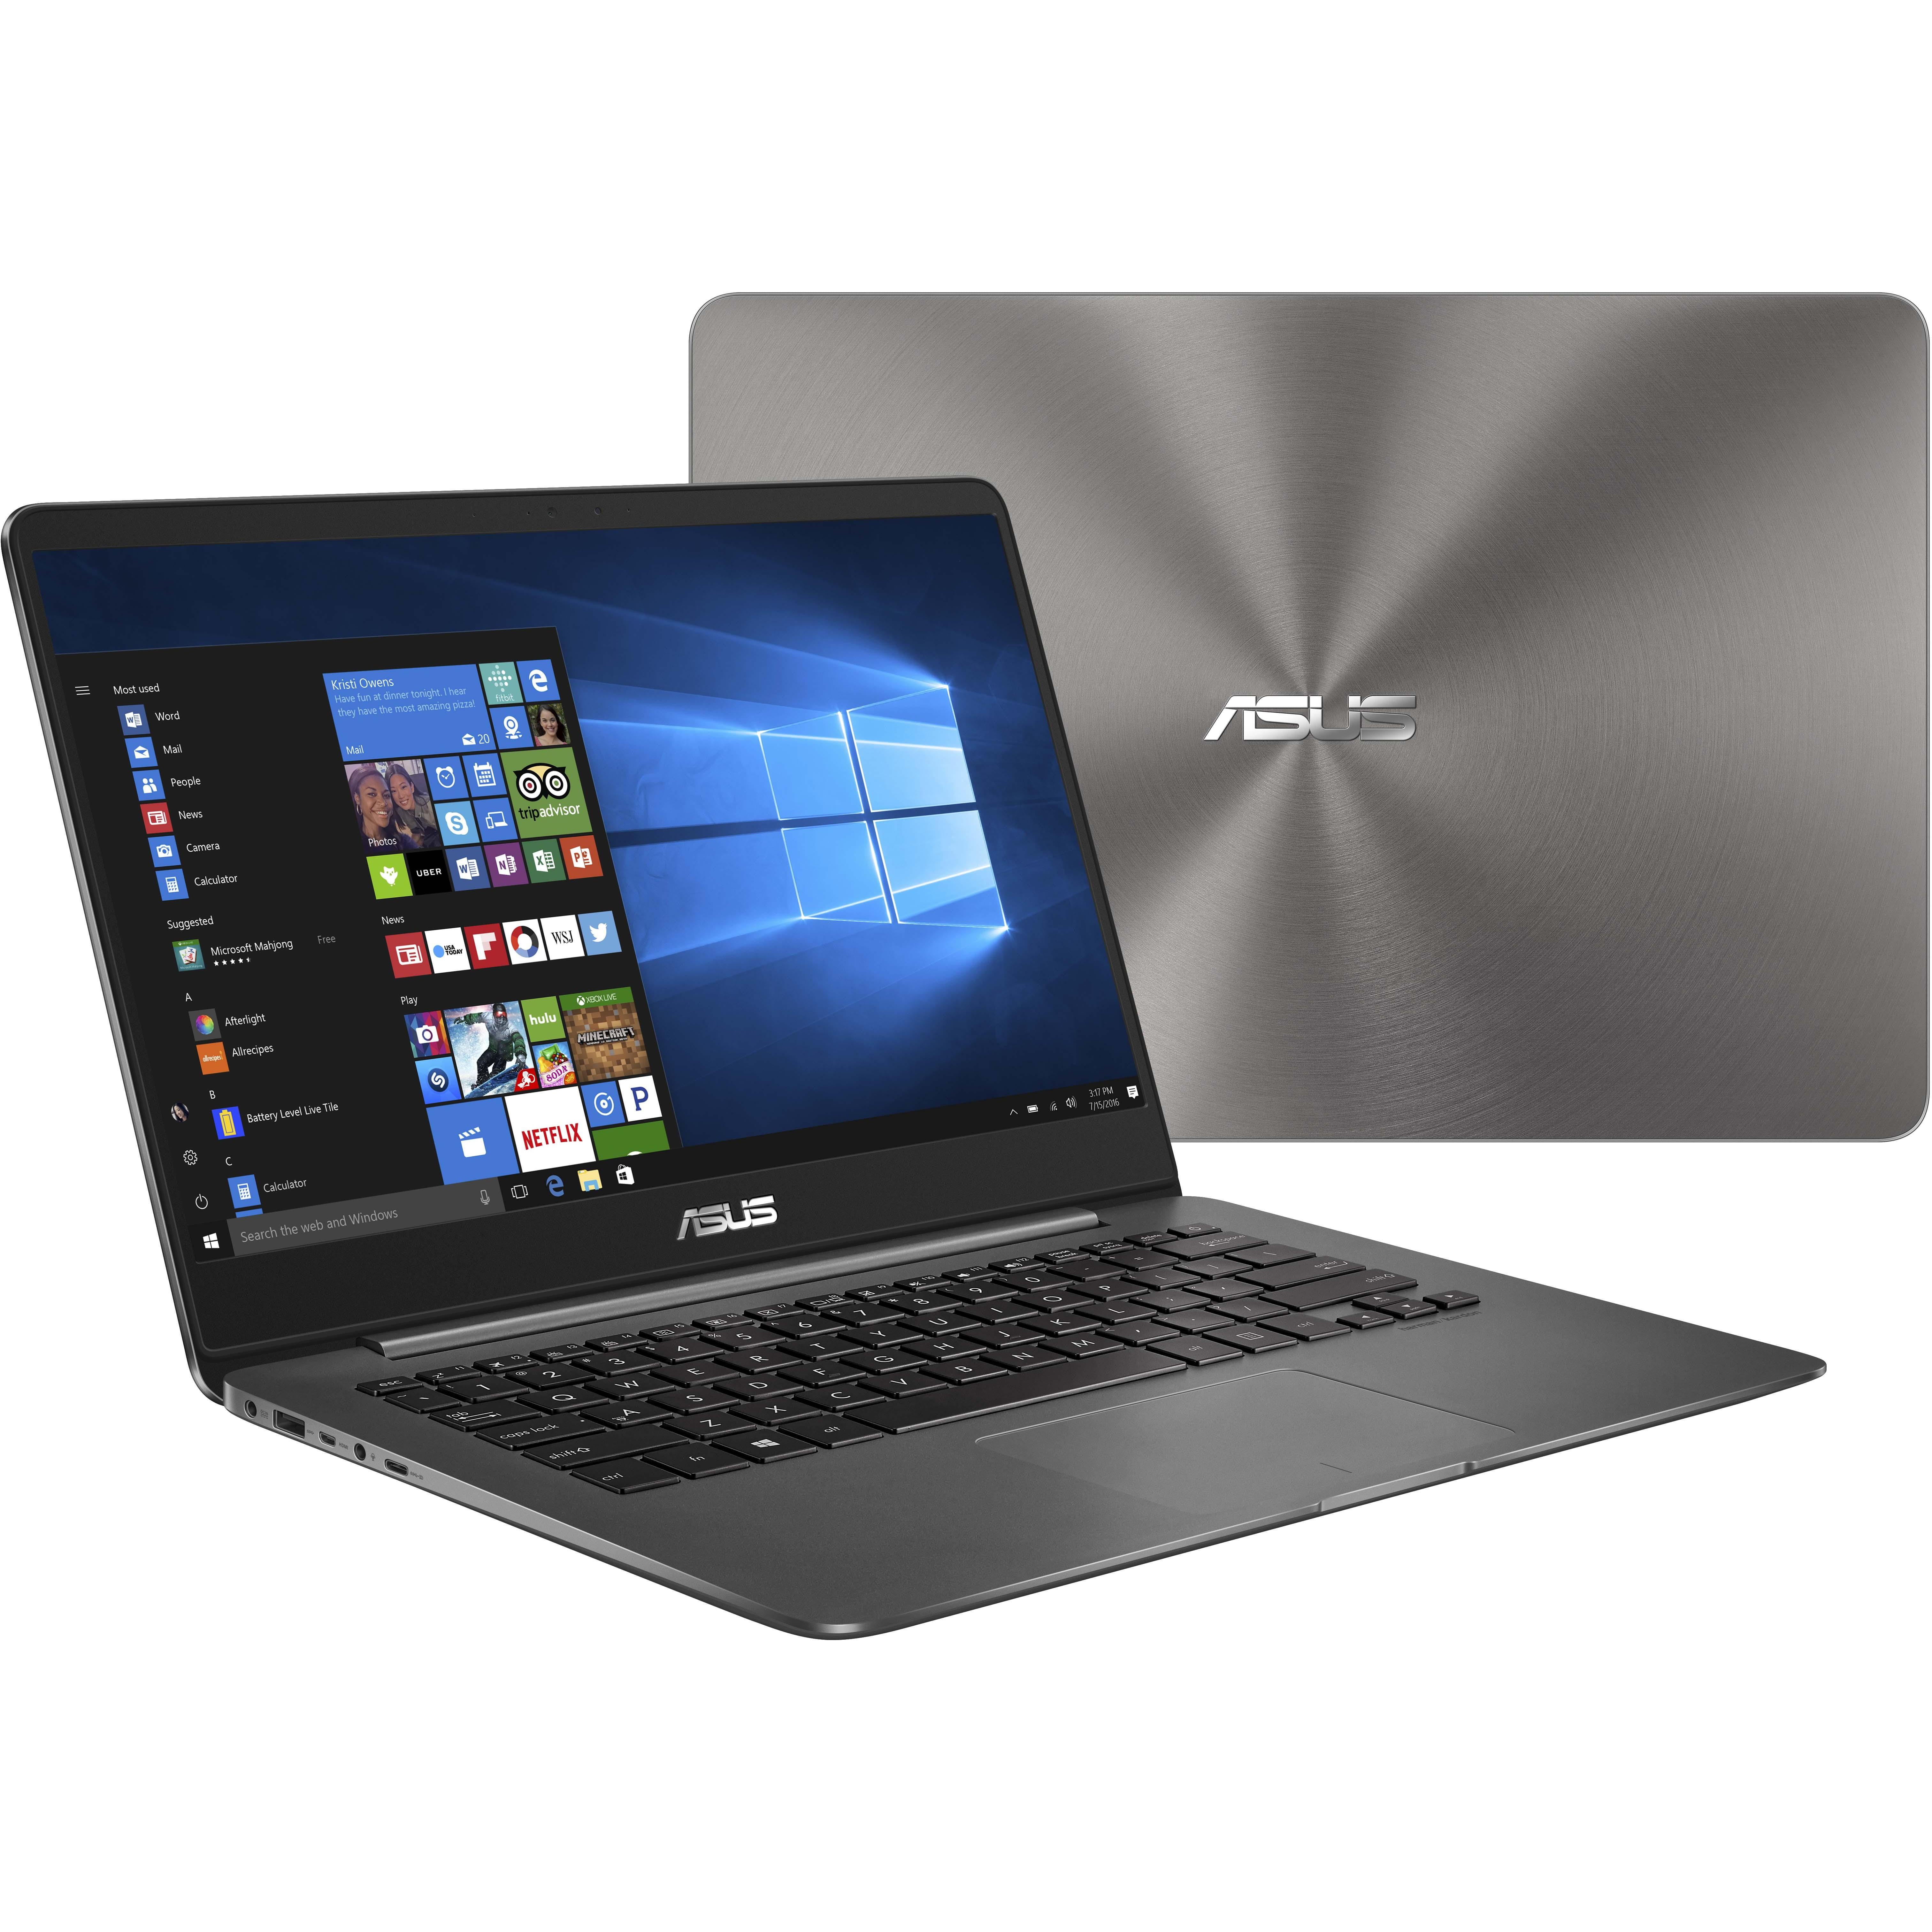 Asus ZENBOOK UX430UA-DH74 Core i7-8550U 16GB 512GB SSD 1920 x 1080 14